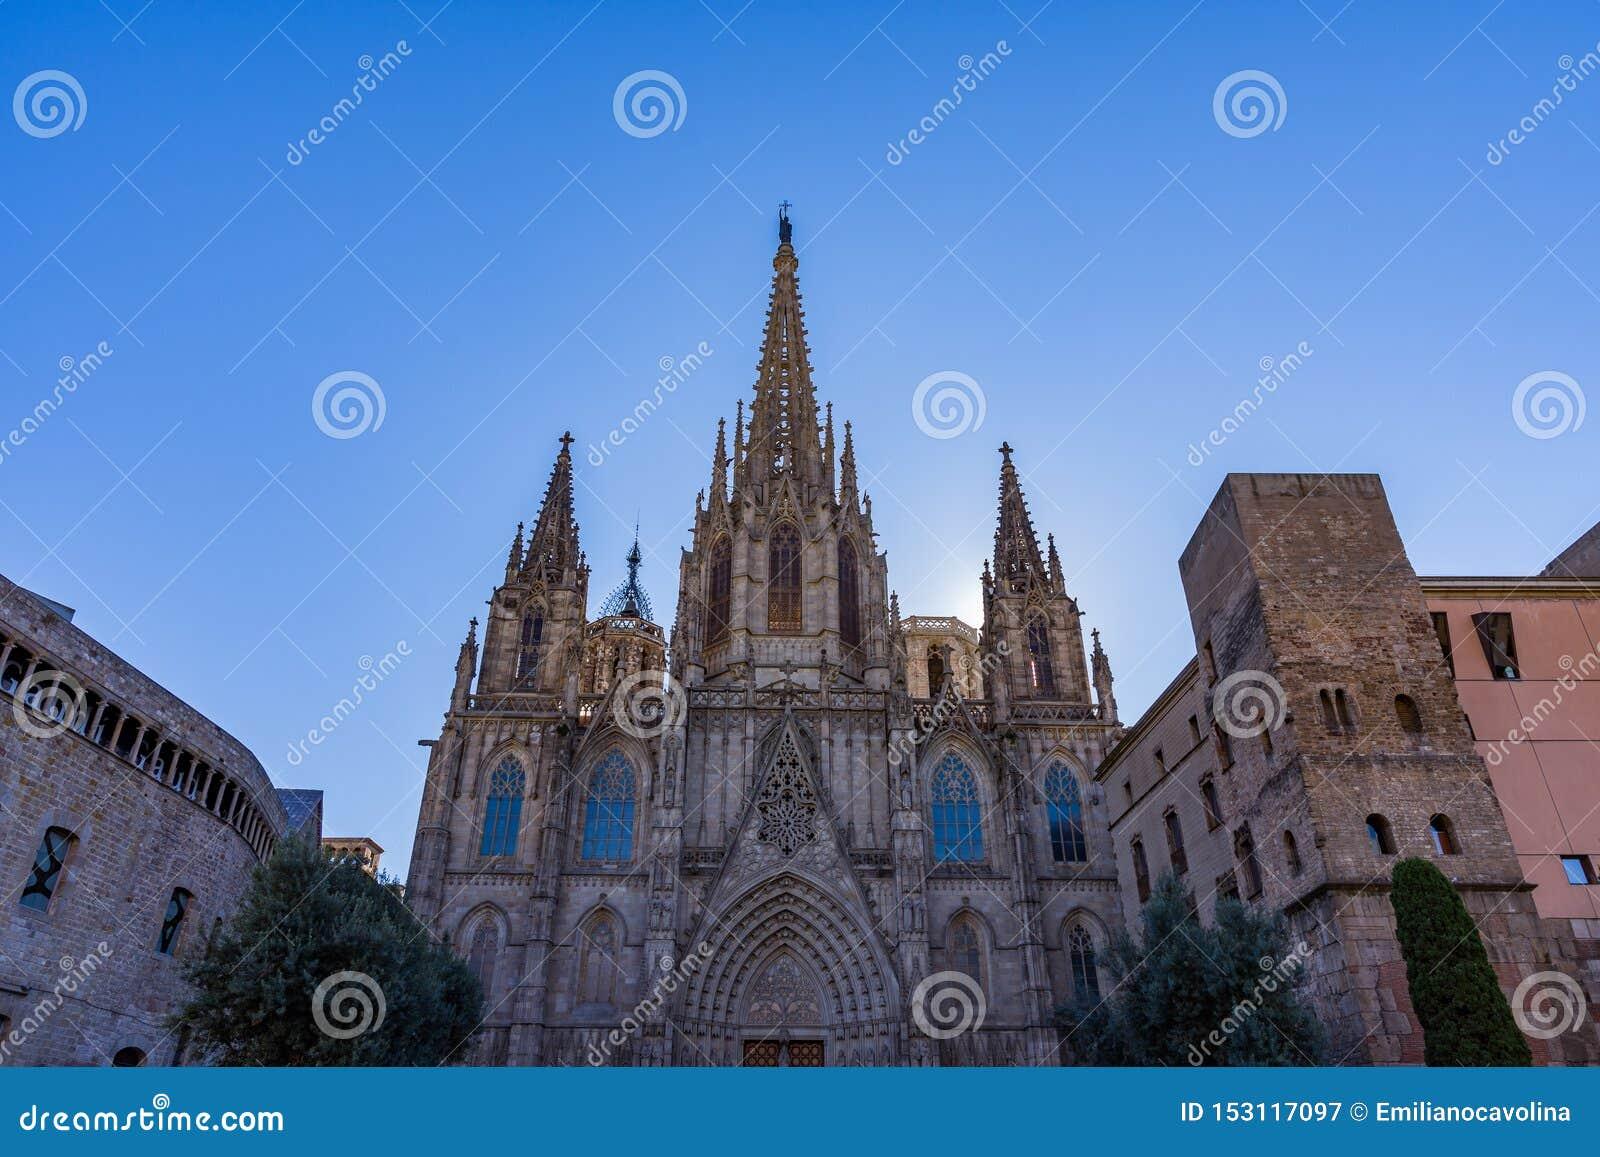 Domkyrkan av Barcelona, detalj av den huvudsakliga fasaden i typisk gotisk stil med stenfriars och vattenkastare Barri Gotic